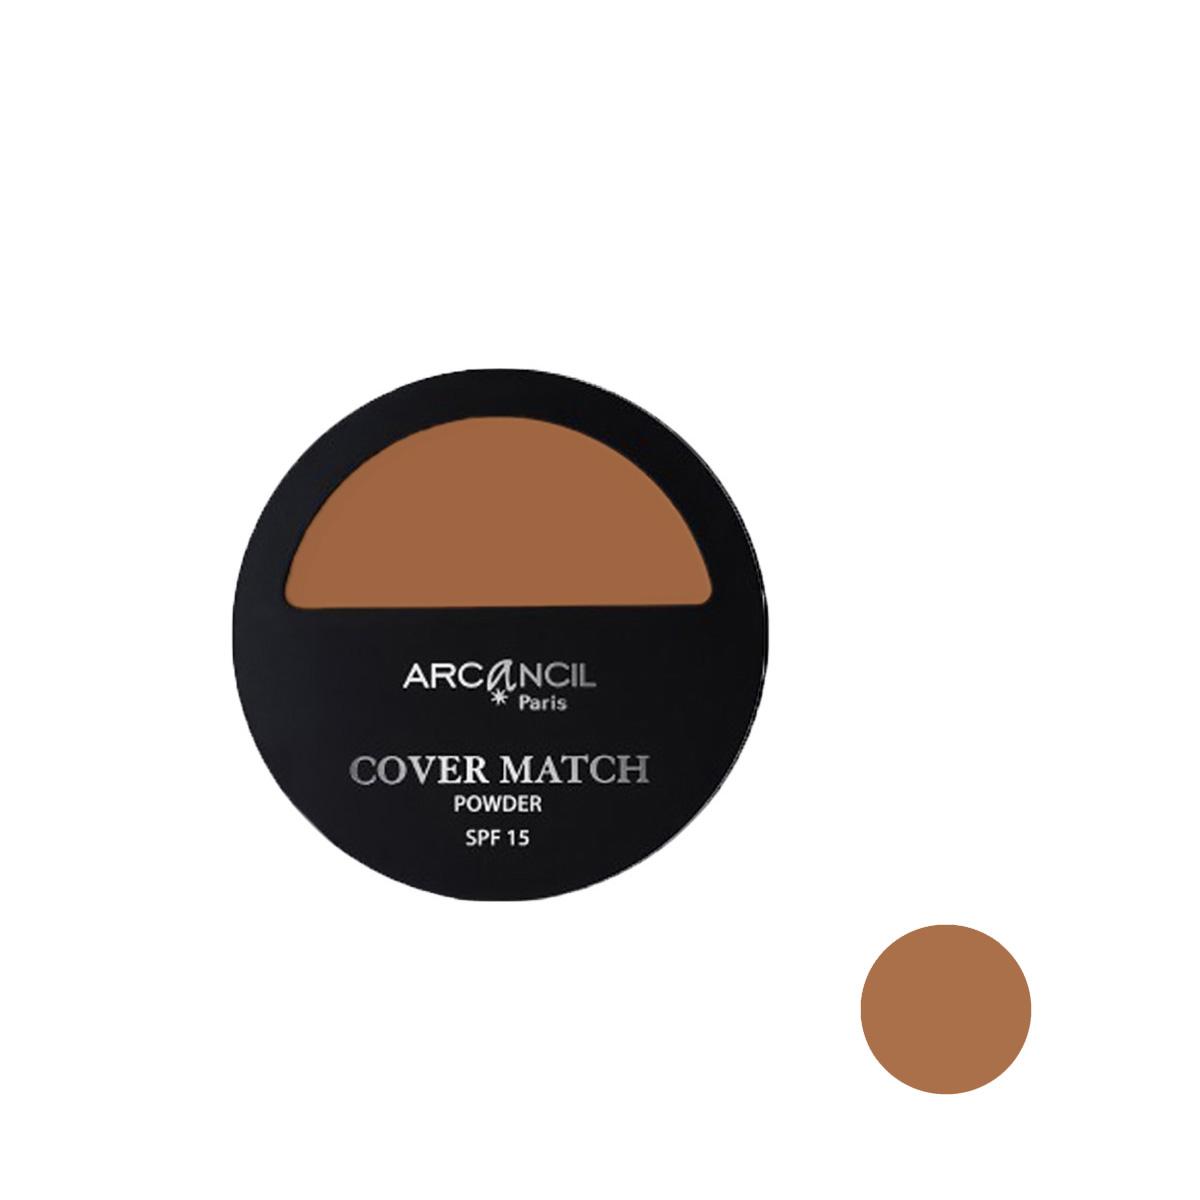 پنکیک آرکانسیل مدل cover match شماره 710